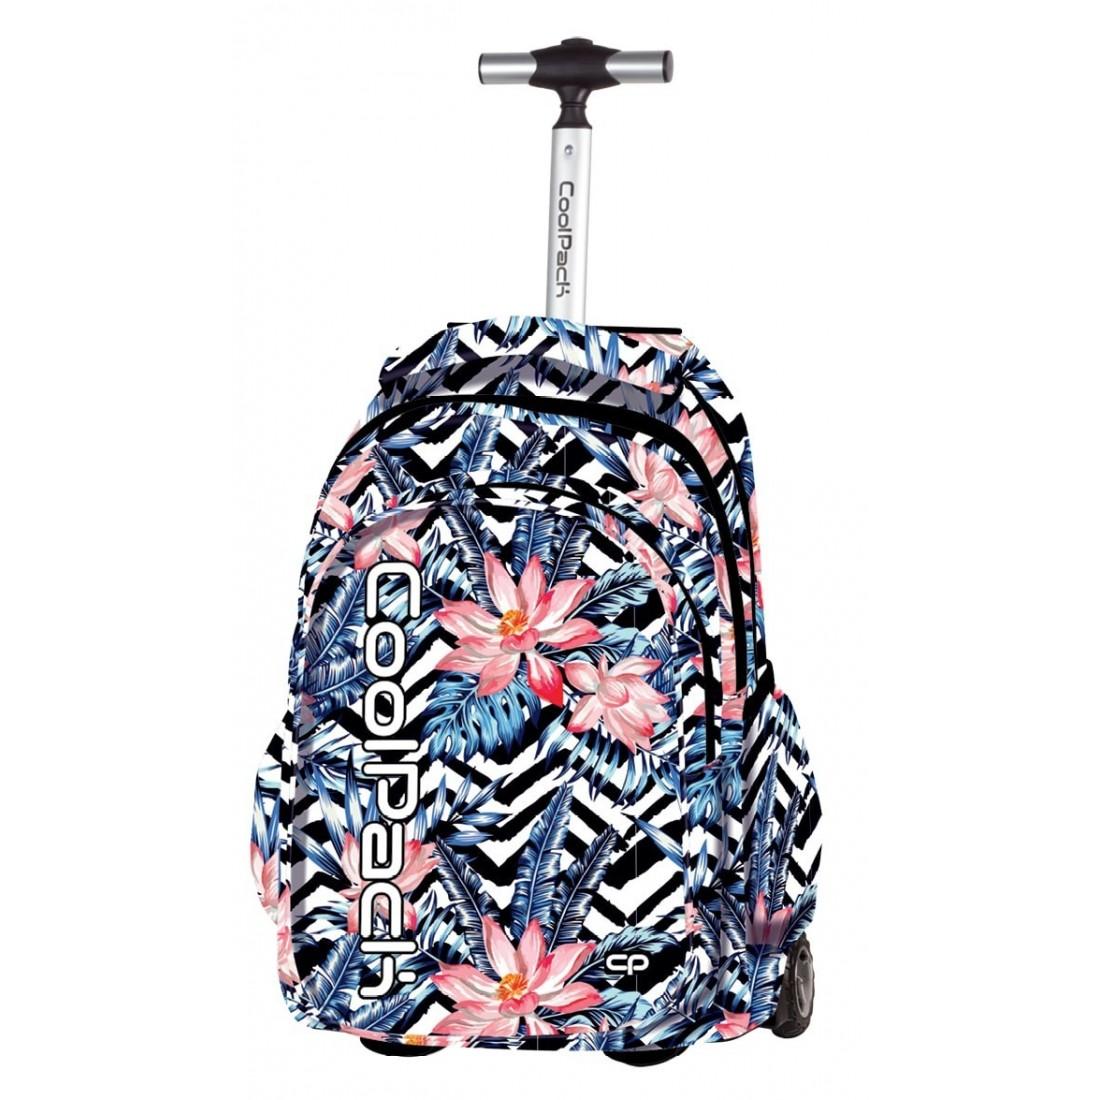 31424a34fac65 Plecak na kółkach CoolPack CP JUNIOR egzotyczne kwiaty dla ...